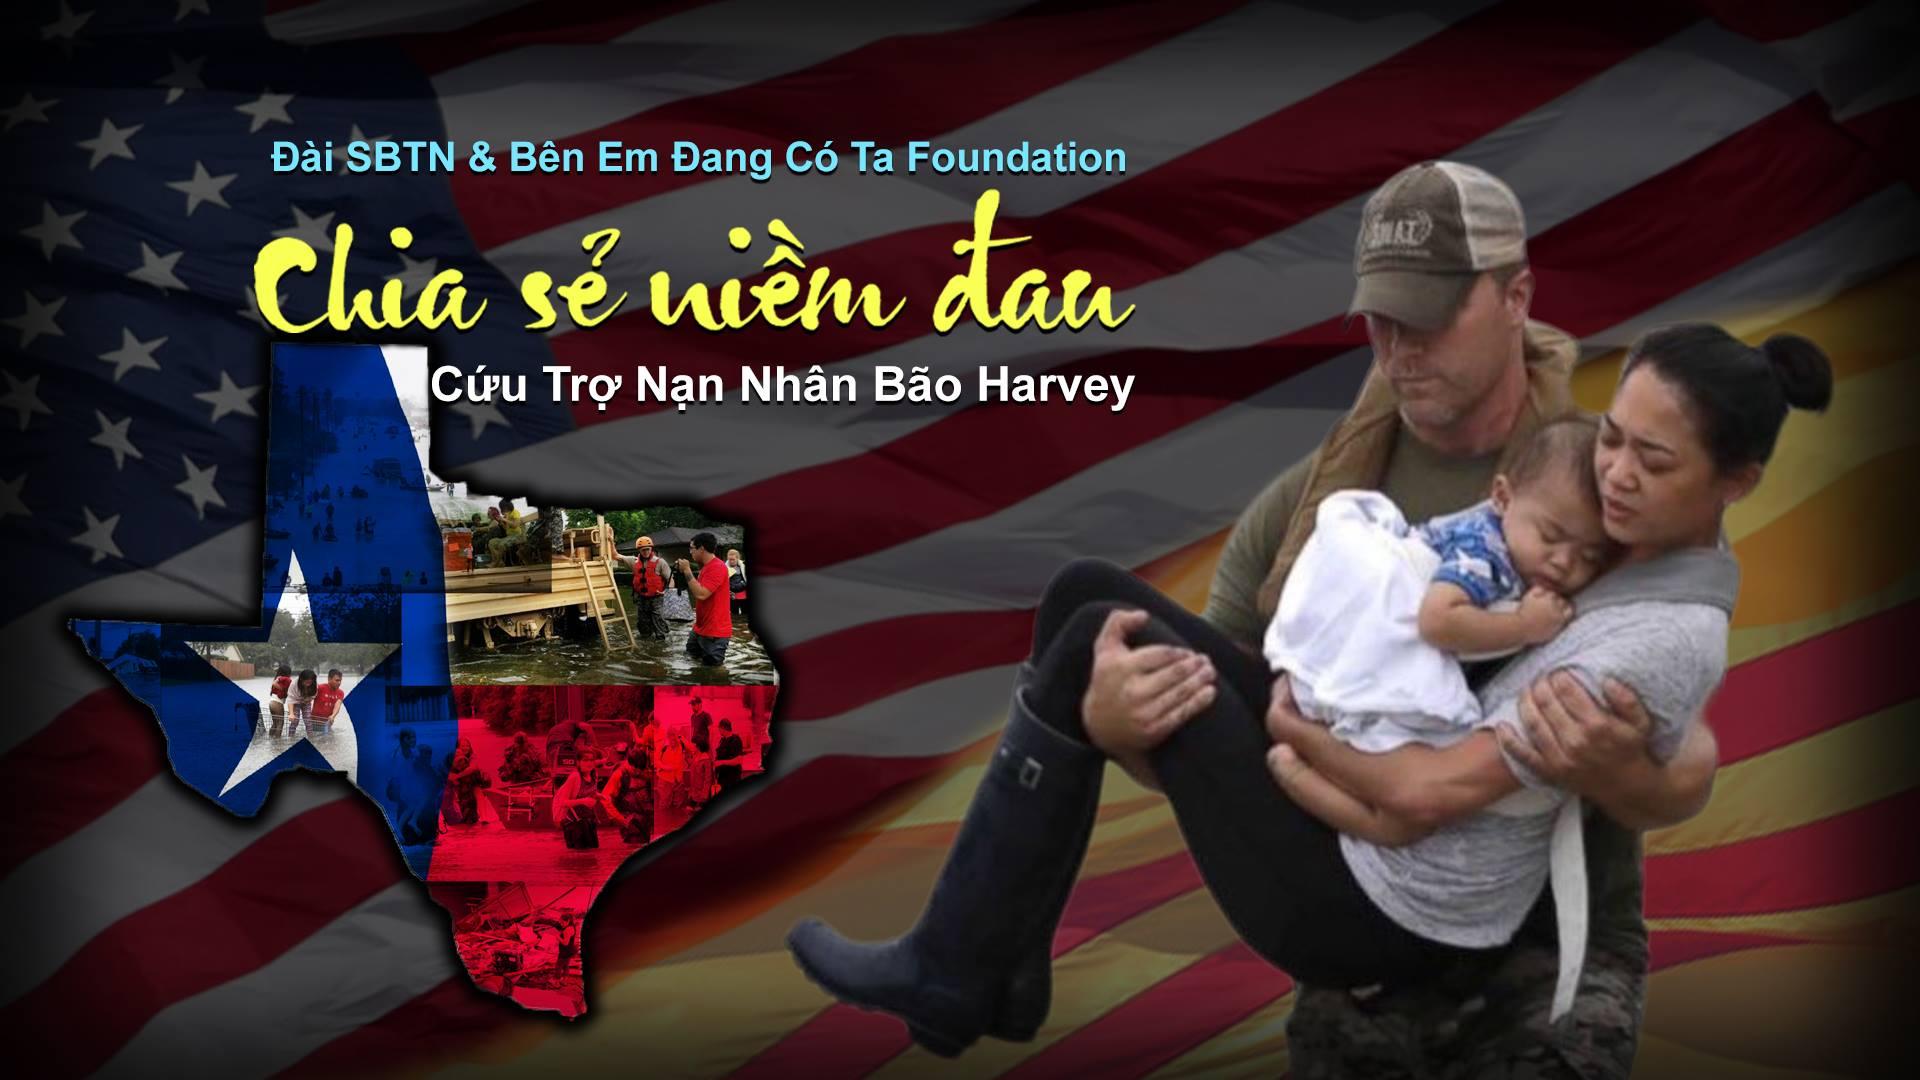 Phái đoàn SBTN qua Houston để trao tiền cứu trợ bão Harvey